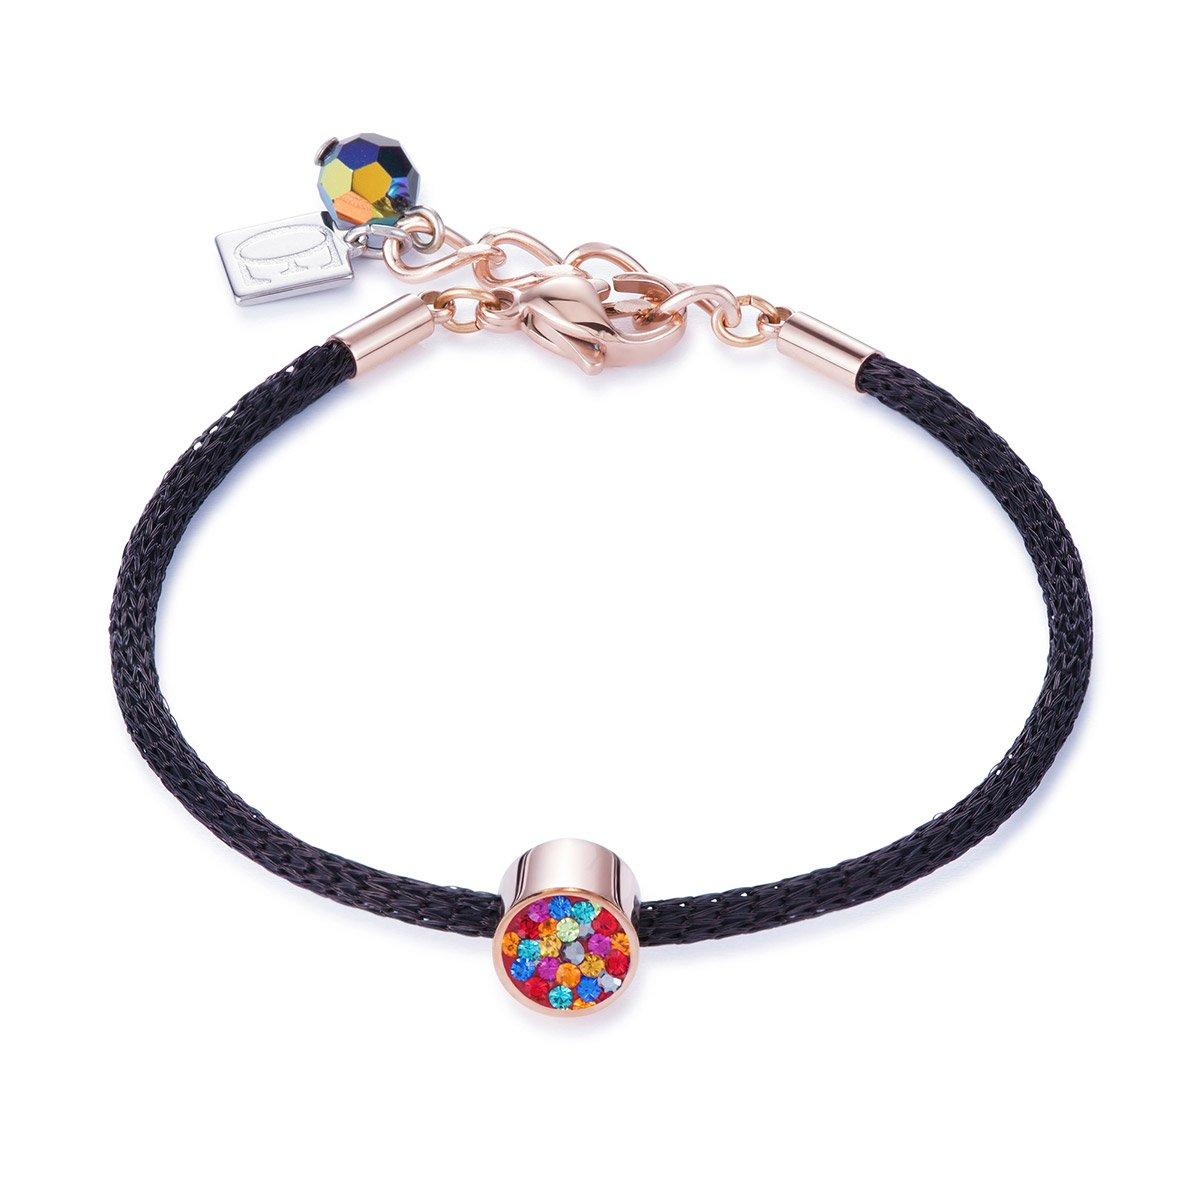 bei Uhrcenter: Coeur de Lion 0218/30-1500 Damen-Armband Bunt/Schwarz/Rosé - Schmuck